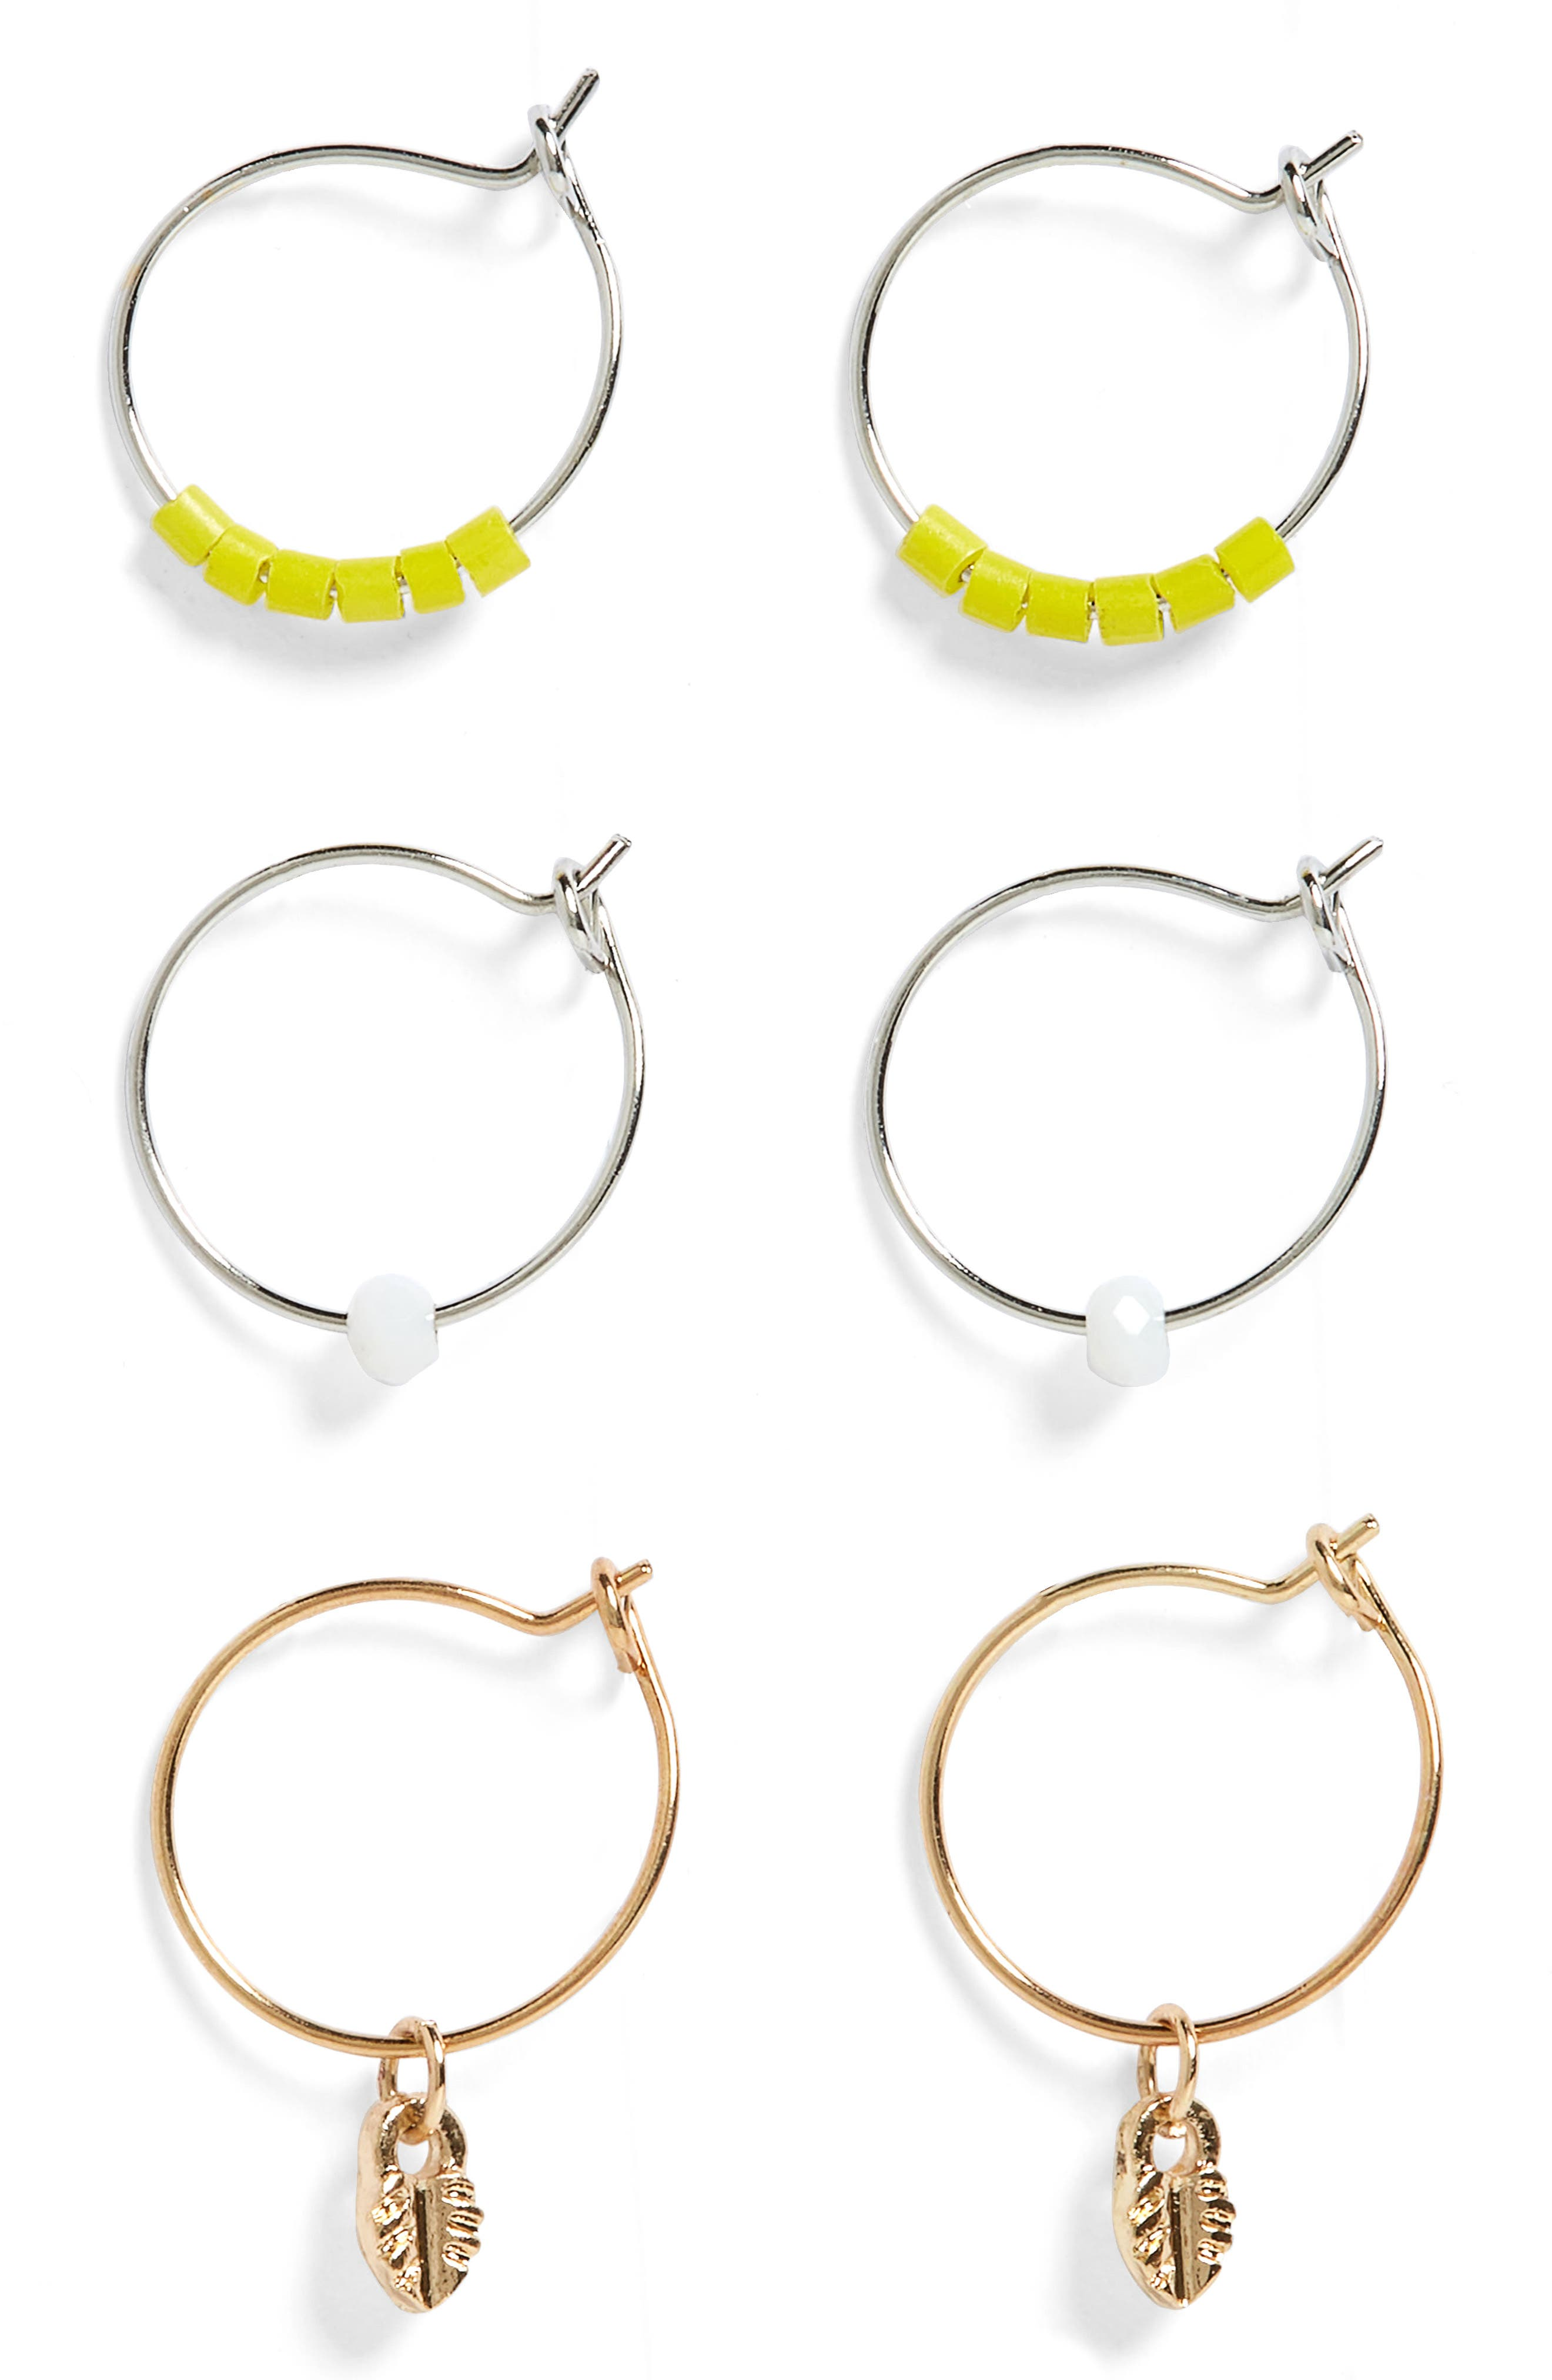 Set of 3 Charm Hoop Earrings,                         Main,                         color, Bright Multi